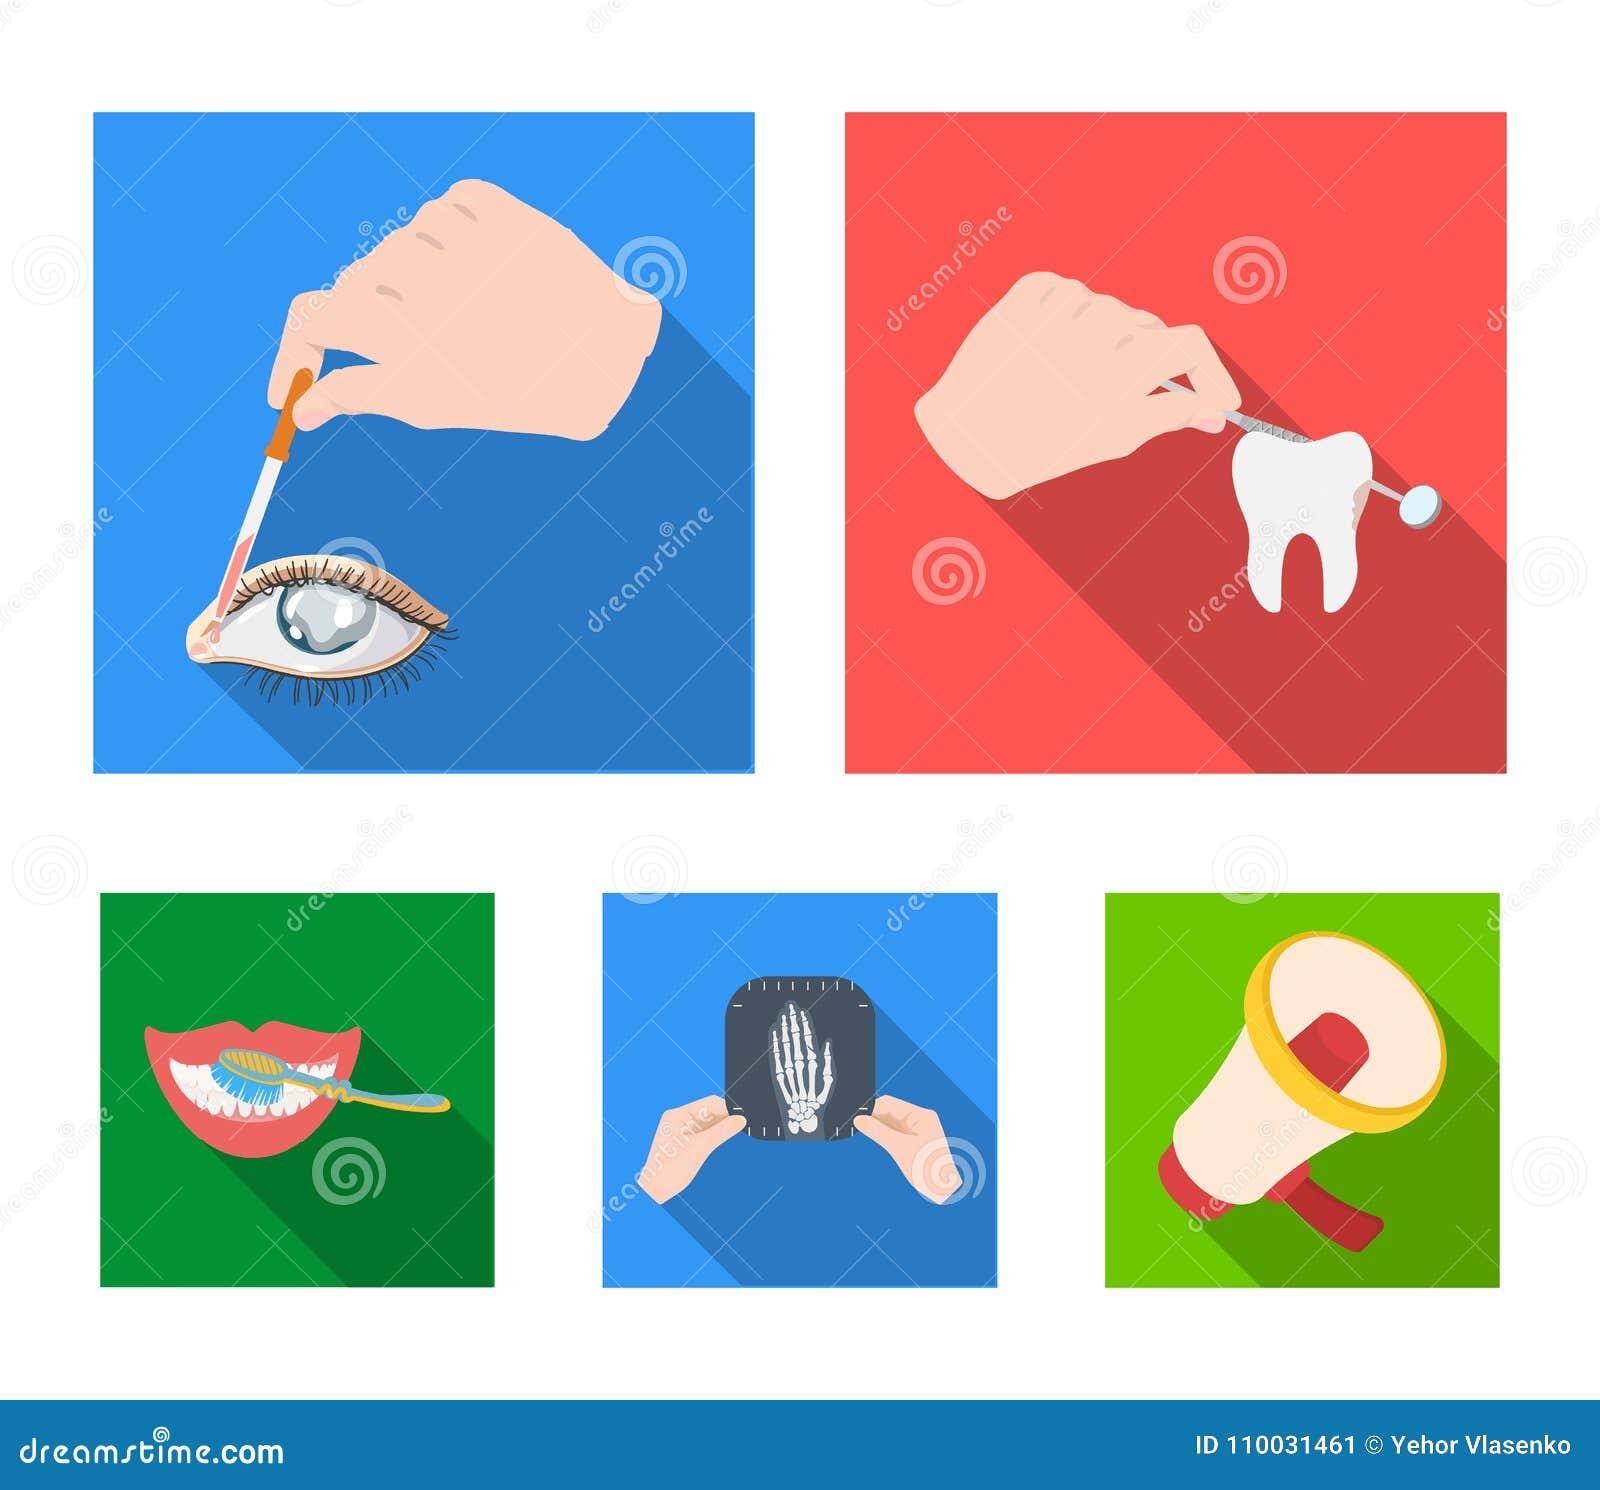 Onderzoek van de tand, indruppeling van het oog en ander Webpictogram in vlakke stijl Een momentopname van de hand, tanden